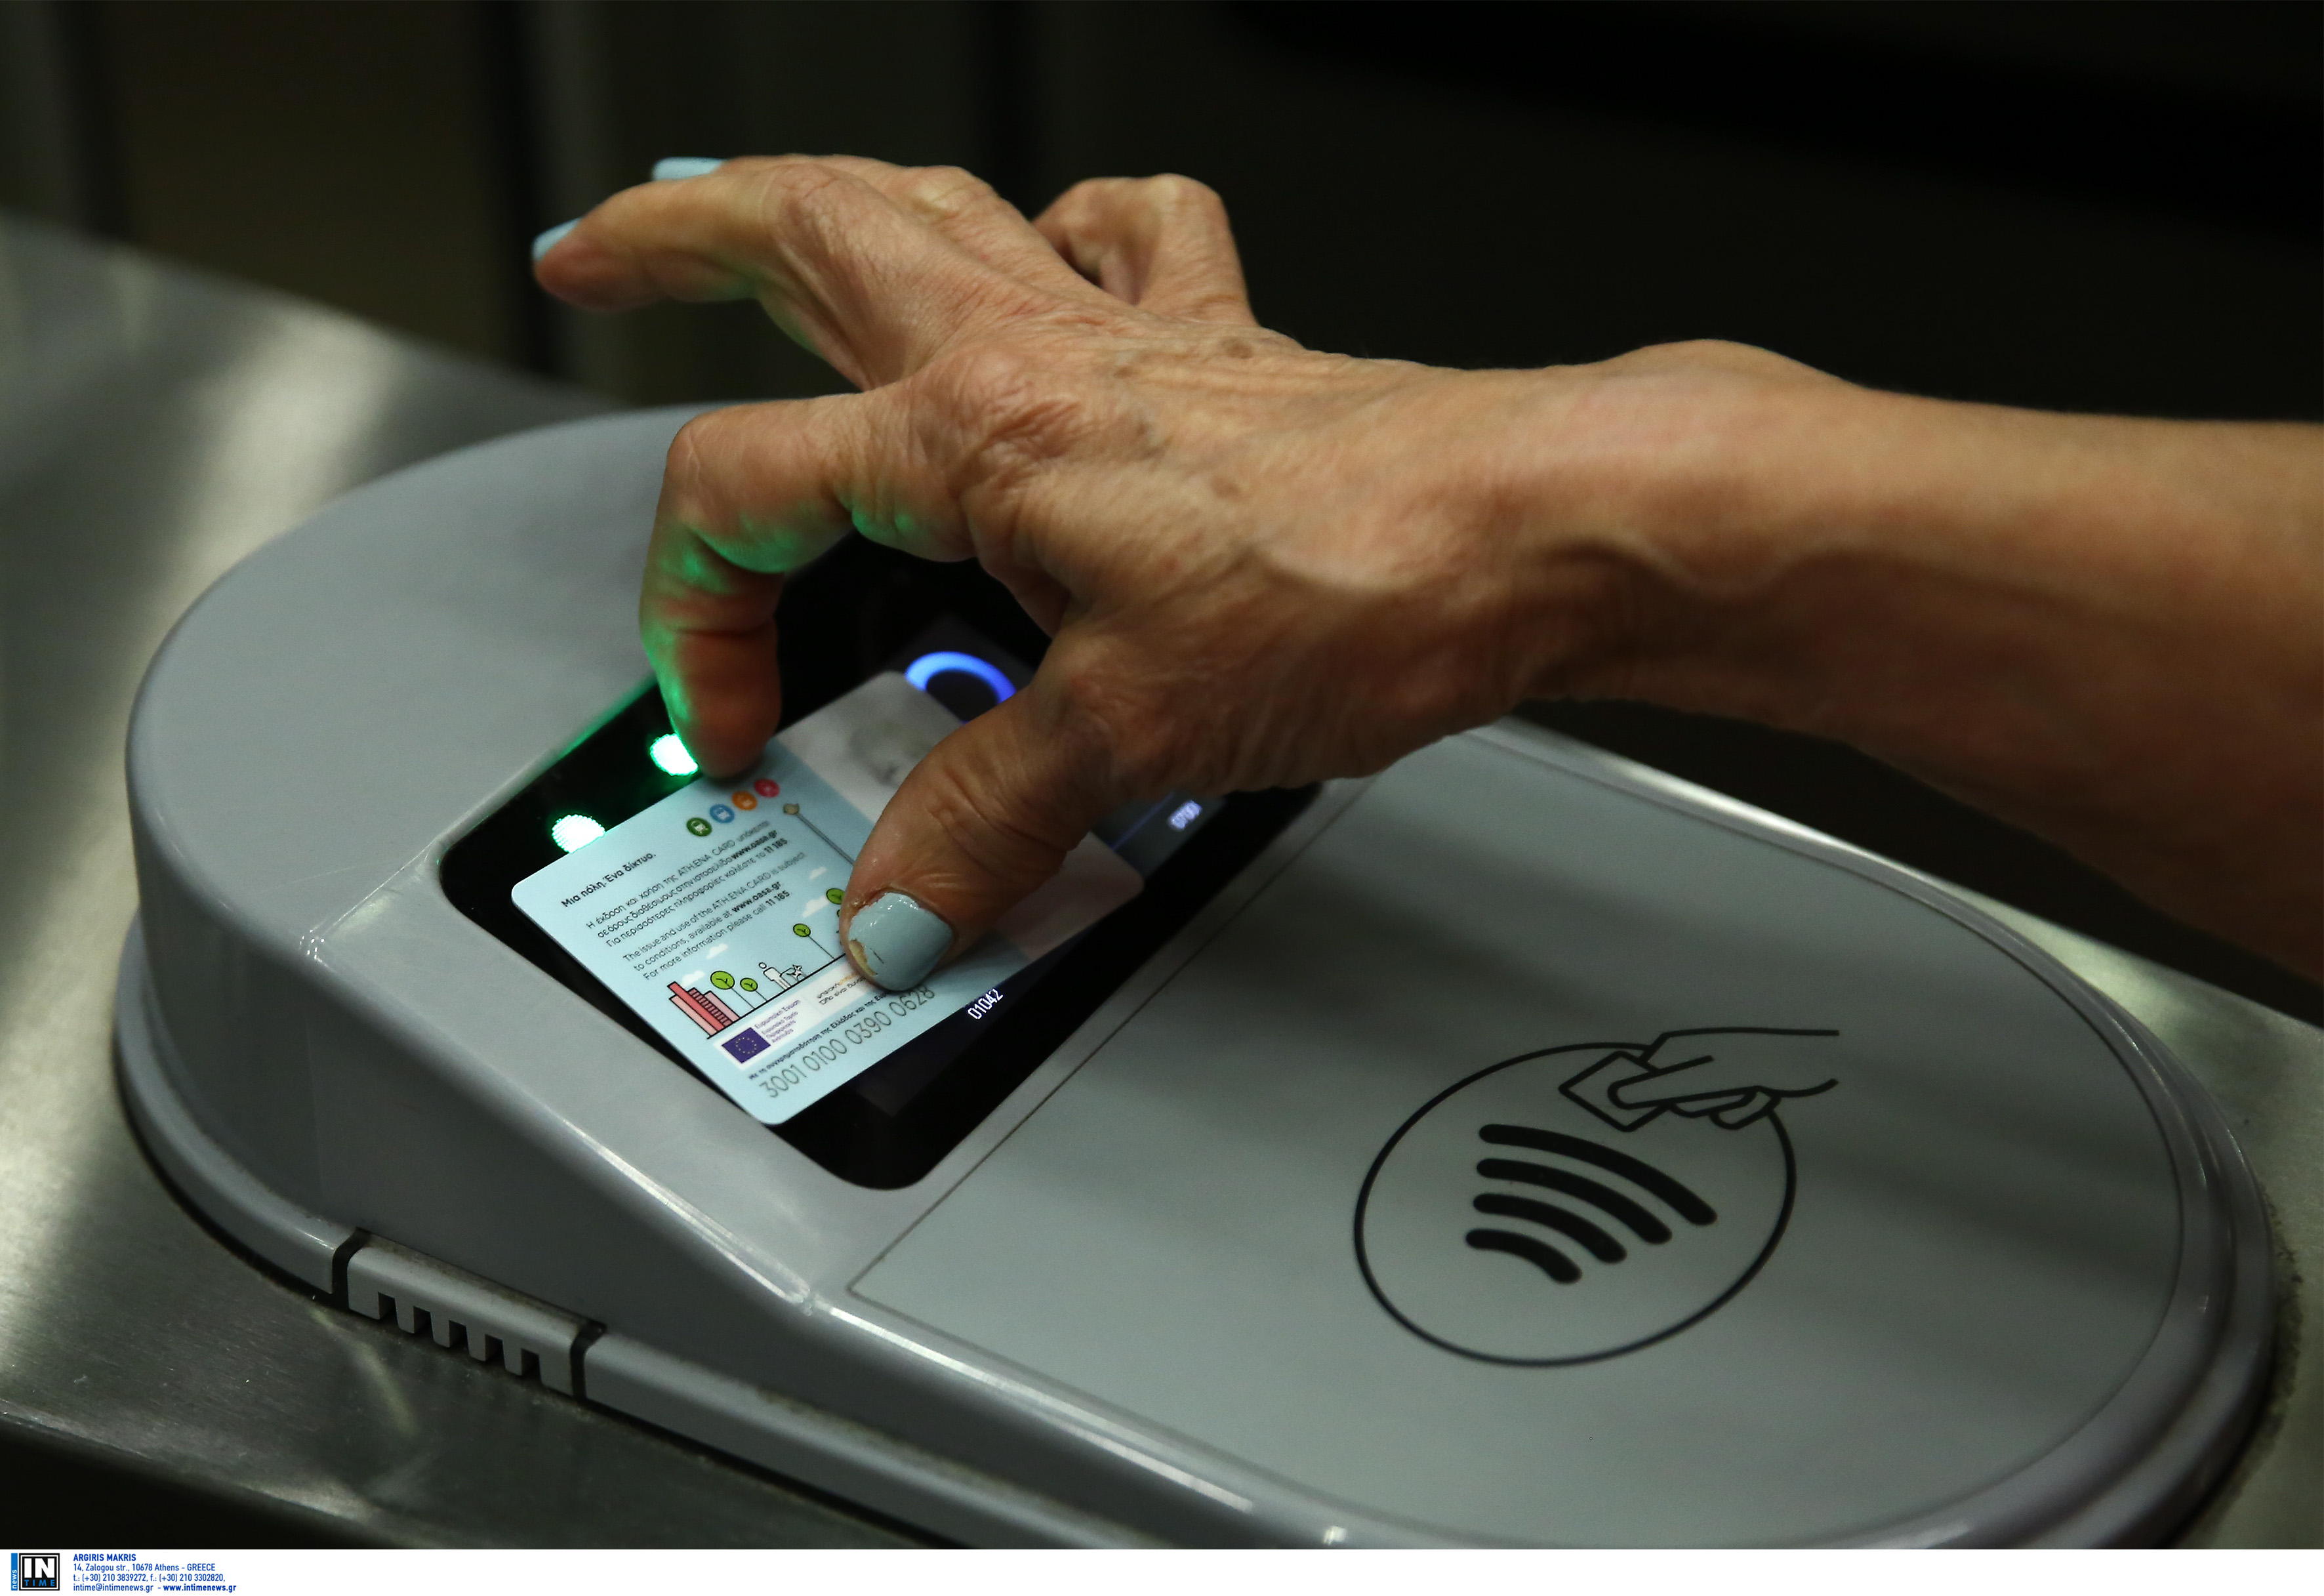 Εισιτήρια ΟΑΣΑ: Νέες δυνατότητες online αγοράς – «Φορτίστε» τις ανώνυμες κάρτες με ένα «κλικ»